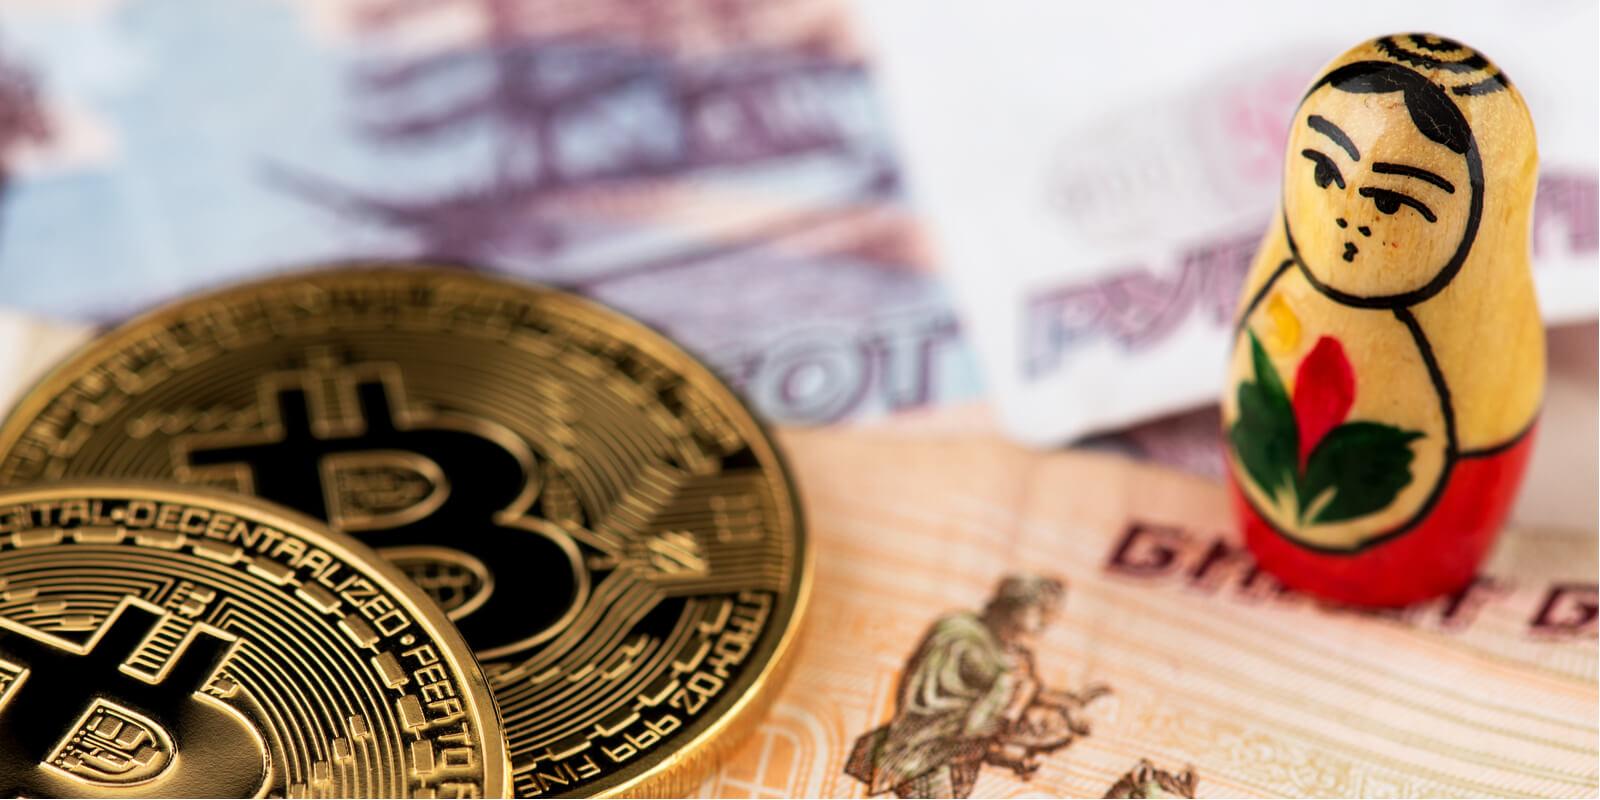 En Russie, le trading illégal de cryptos pourrait coûter jusqu'à 7 ans de prison